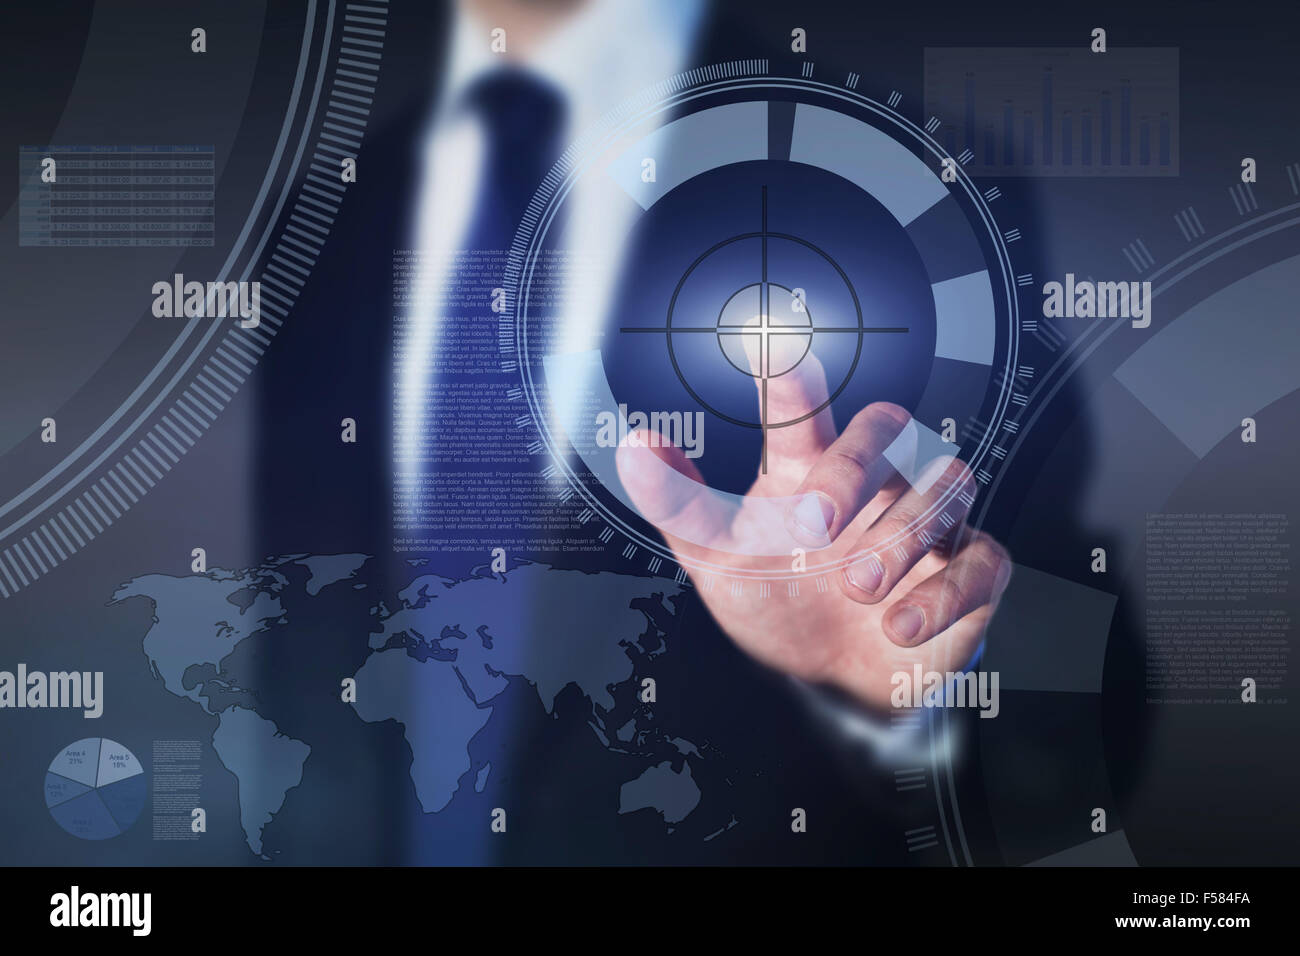 Business di successo di gestione, concetto astratto Immagini Stock